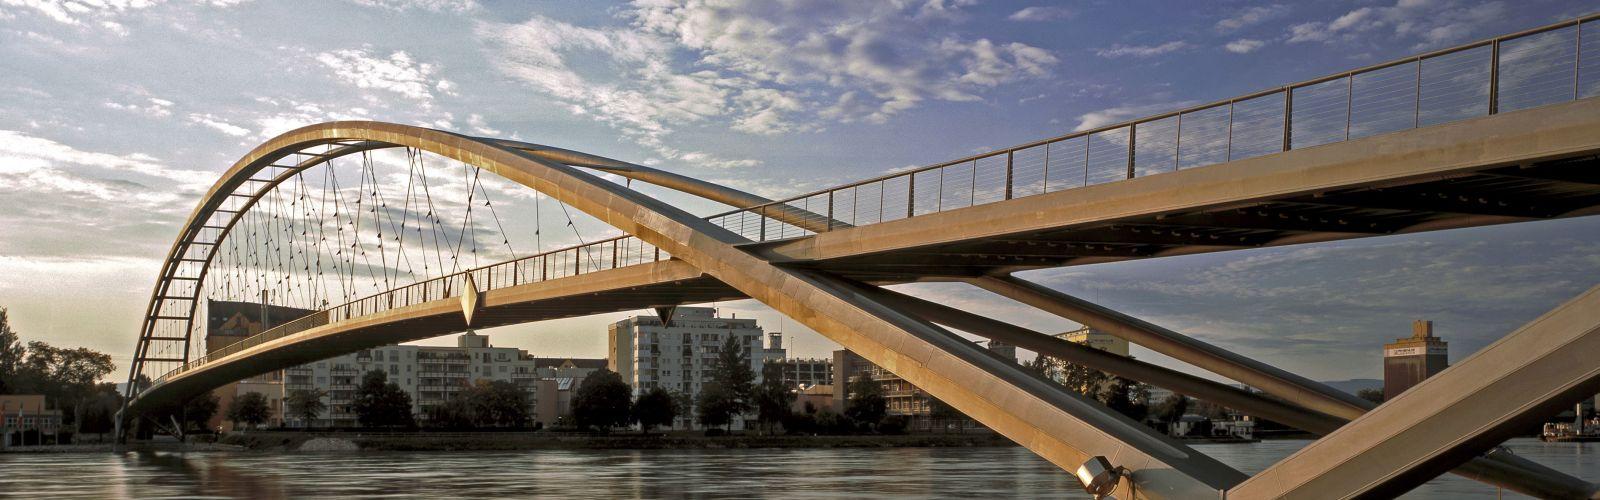 Dreiländerbrücke Weil am Rhein